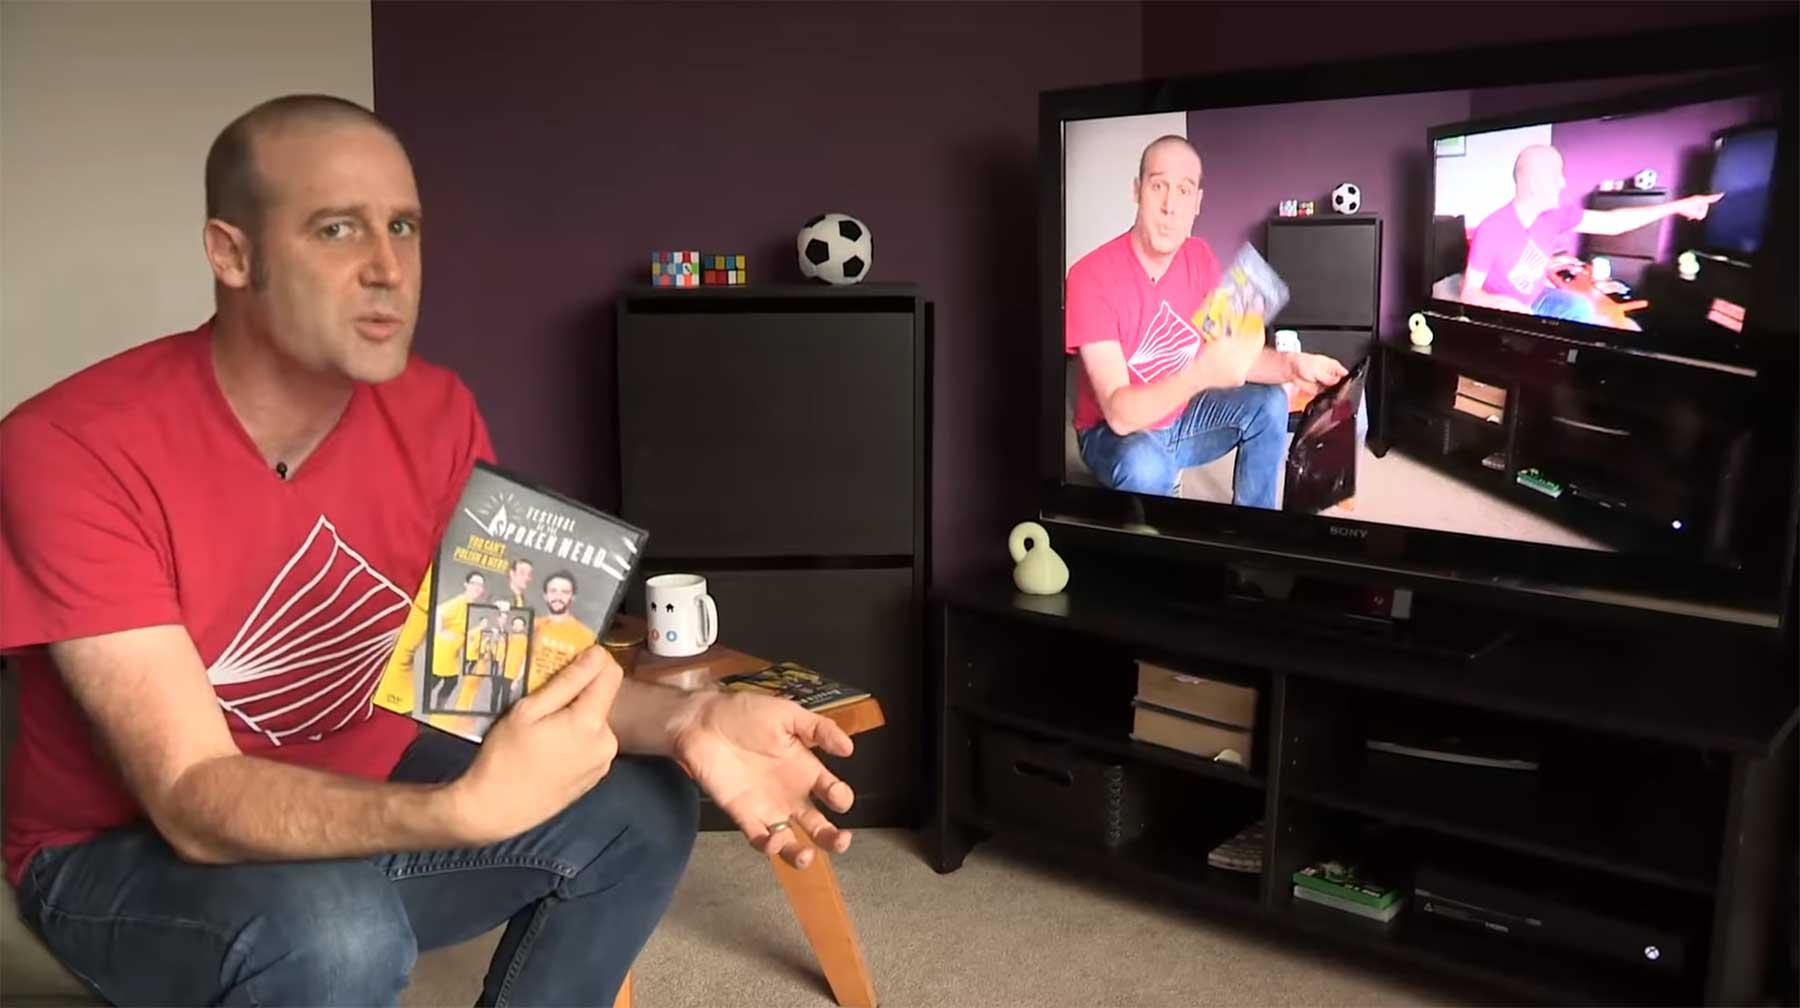 Unboxing einer DVD mit dem Unboxing einer DVD mit dem Unboxing einer DVD... unboxing-eines-unboxings